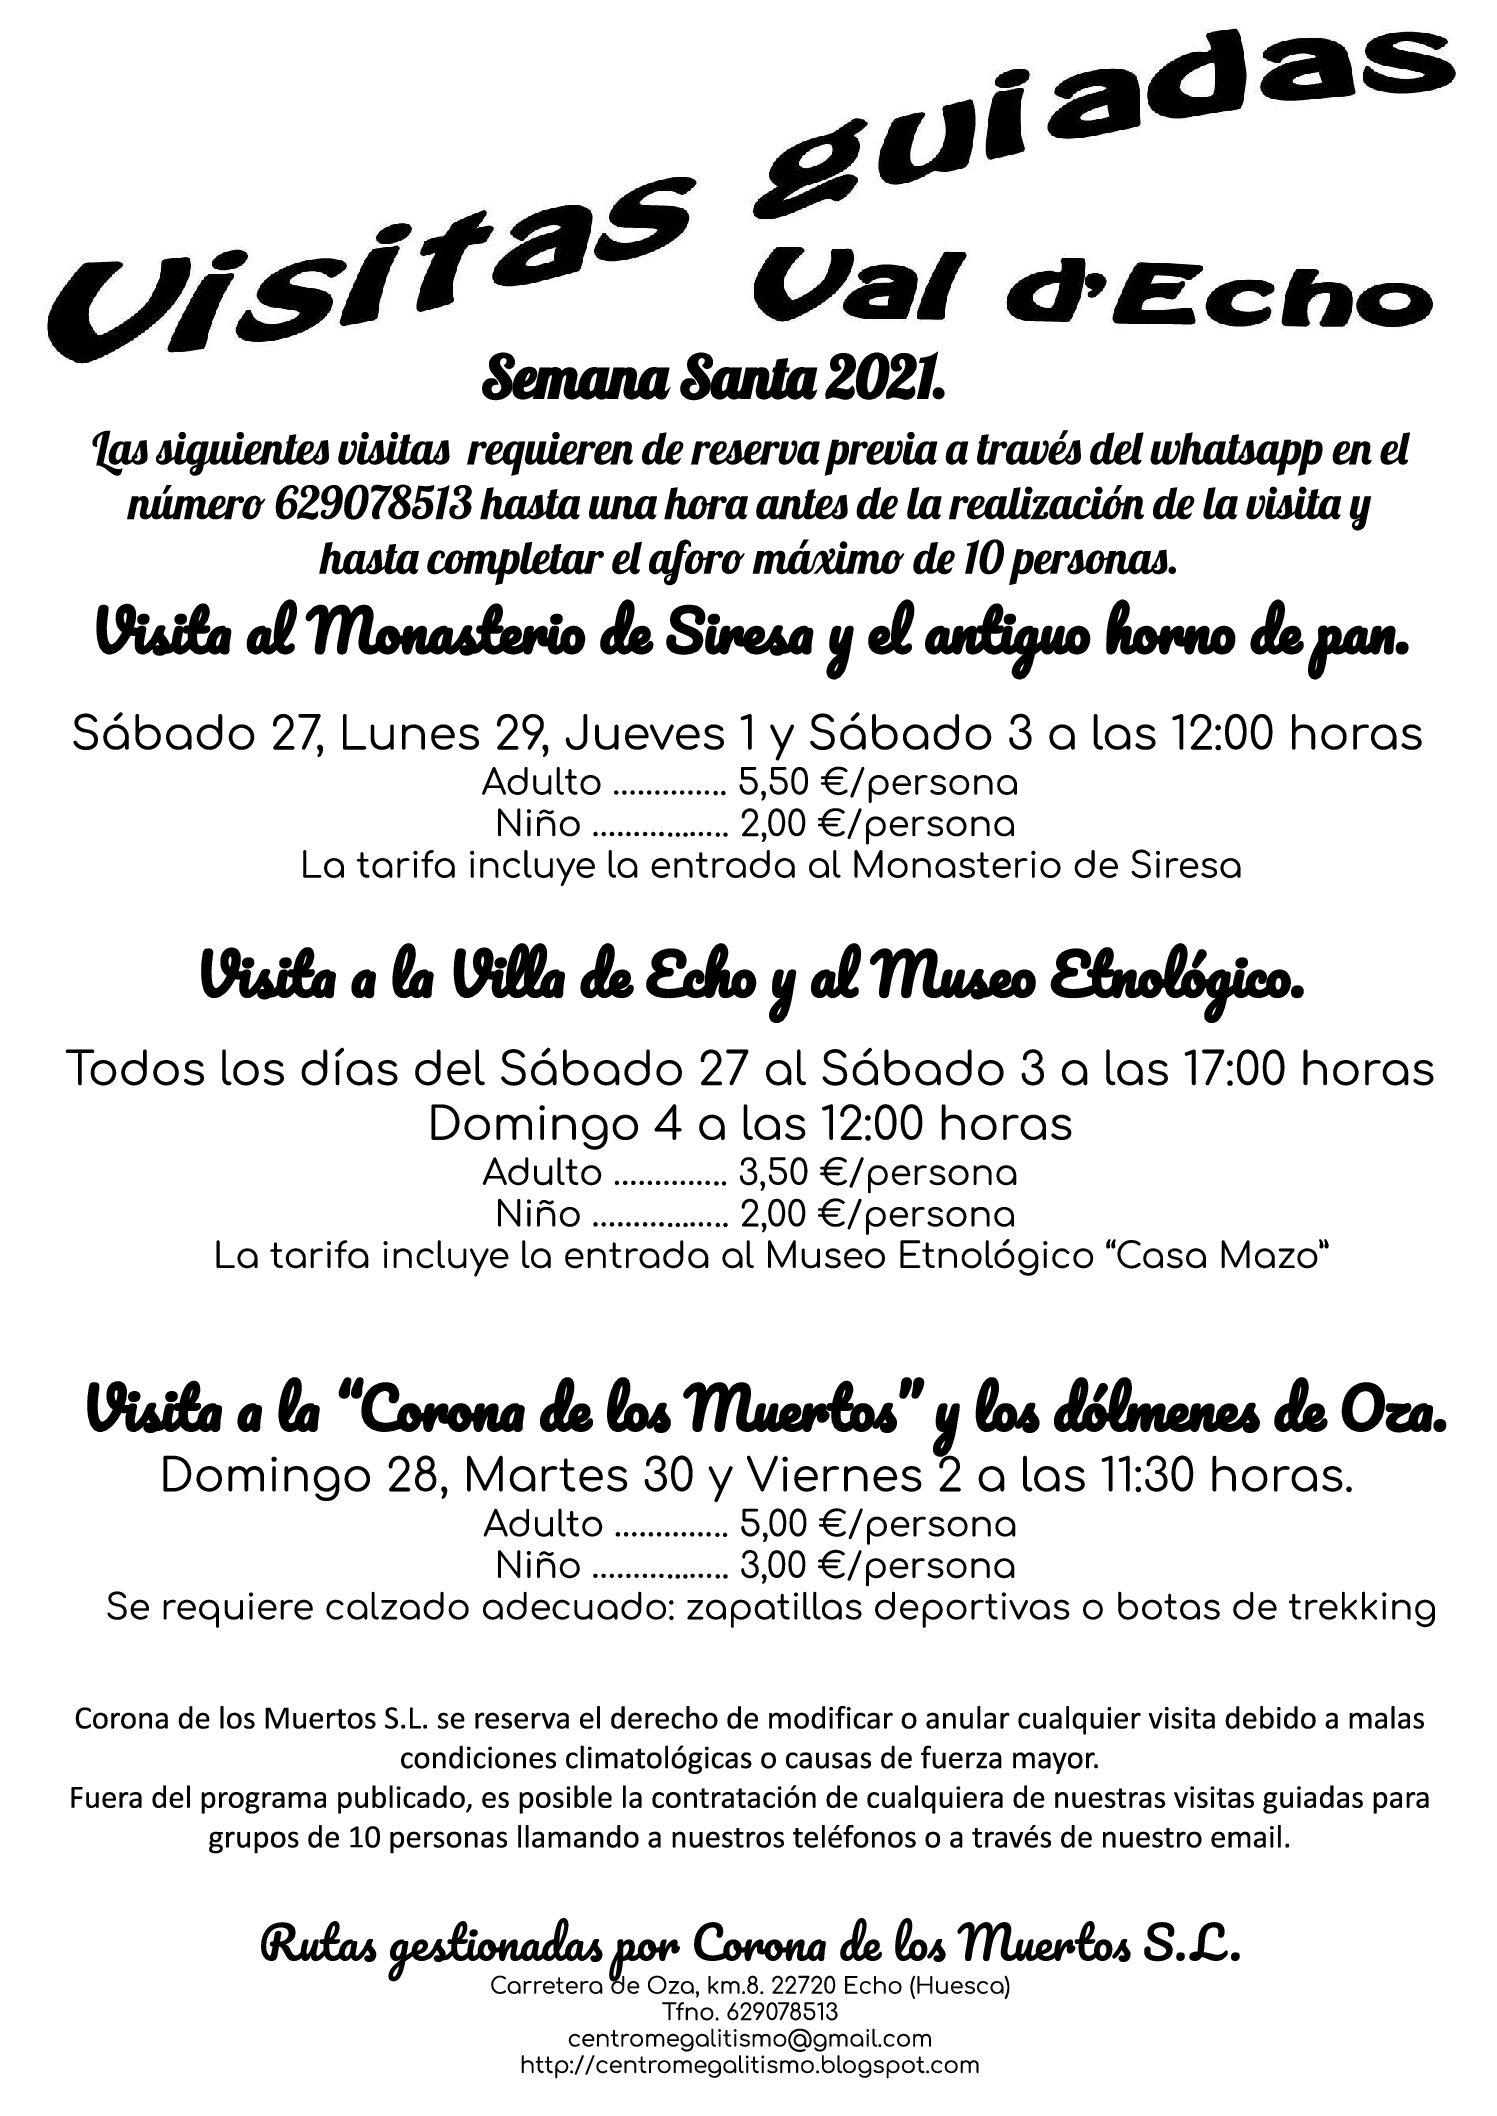 VISITAS GUIADAS EN LA VAL D´ECHO. Semana Santa 2021